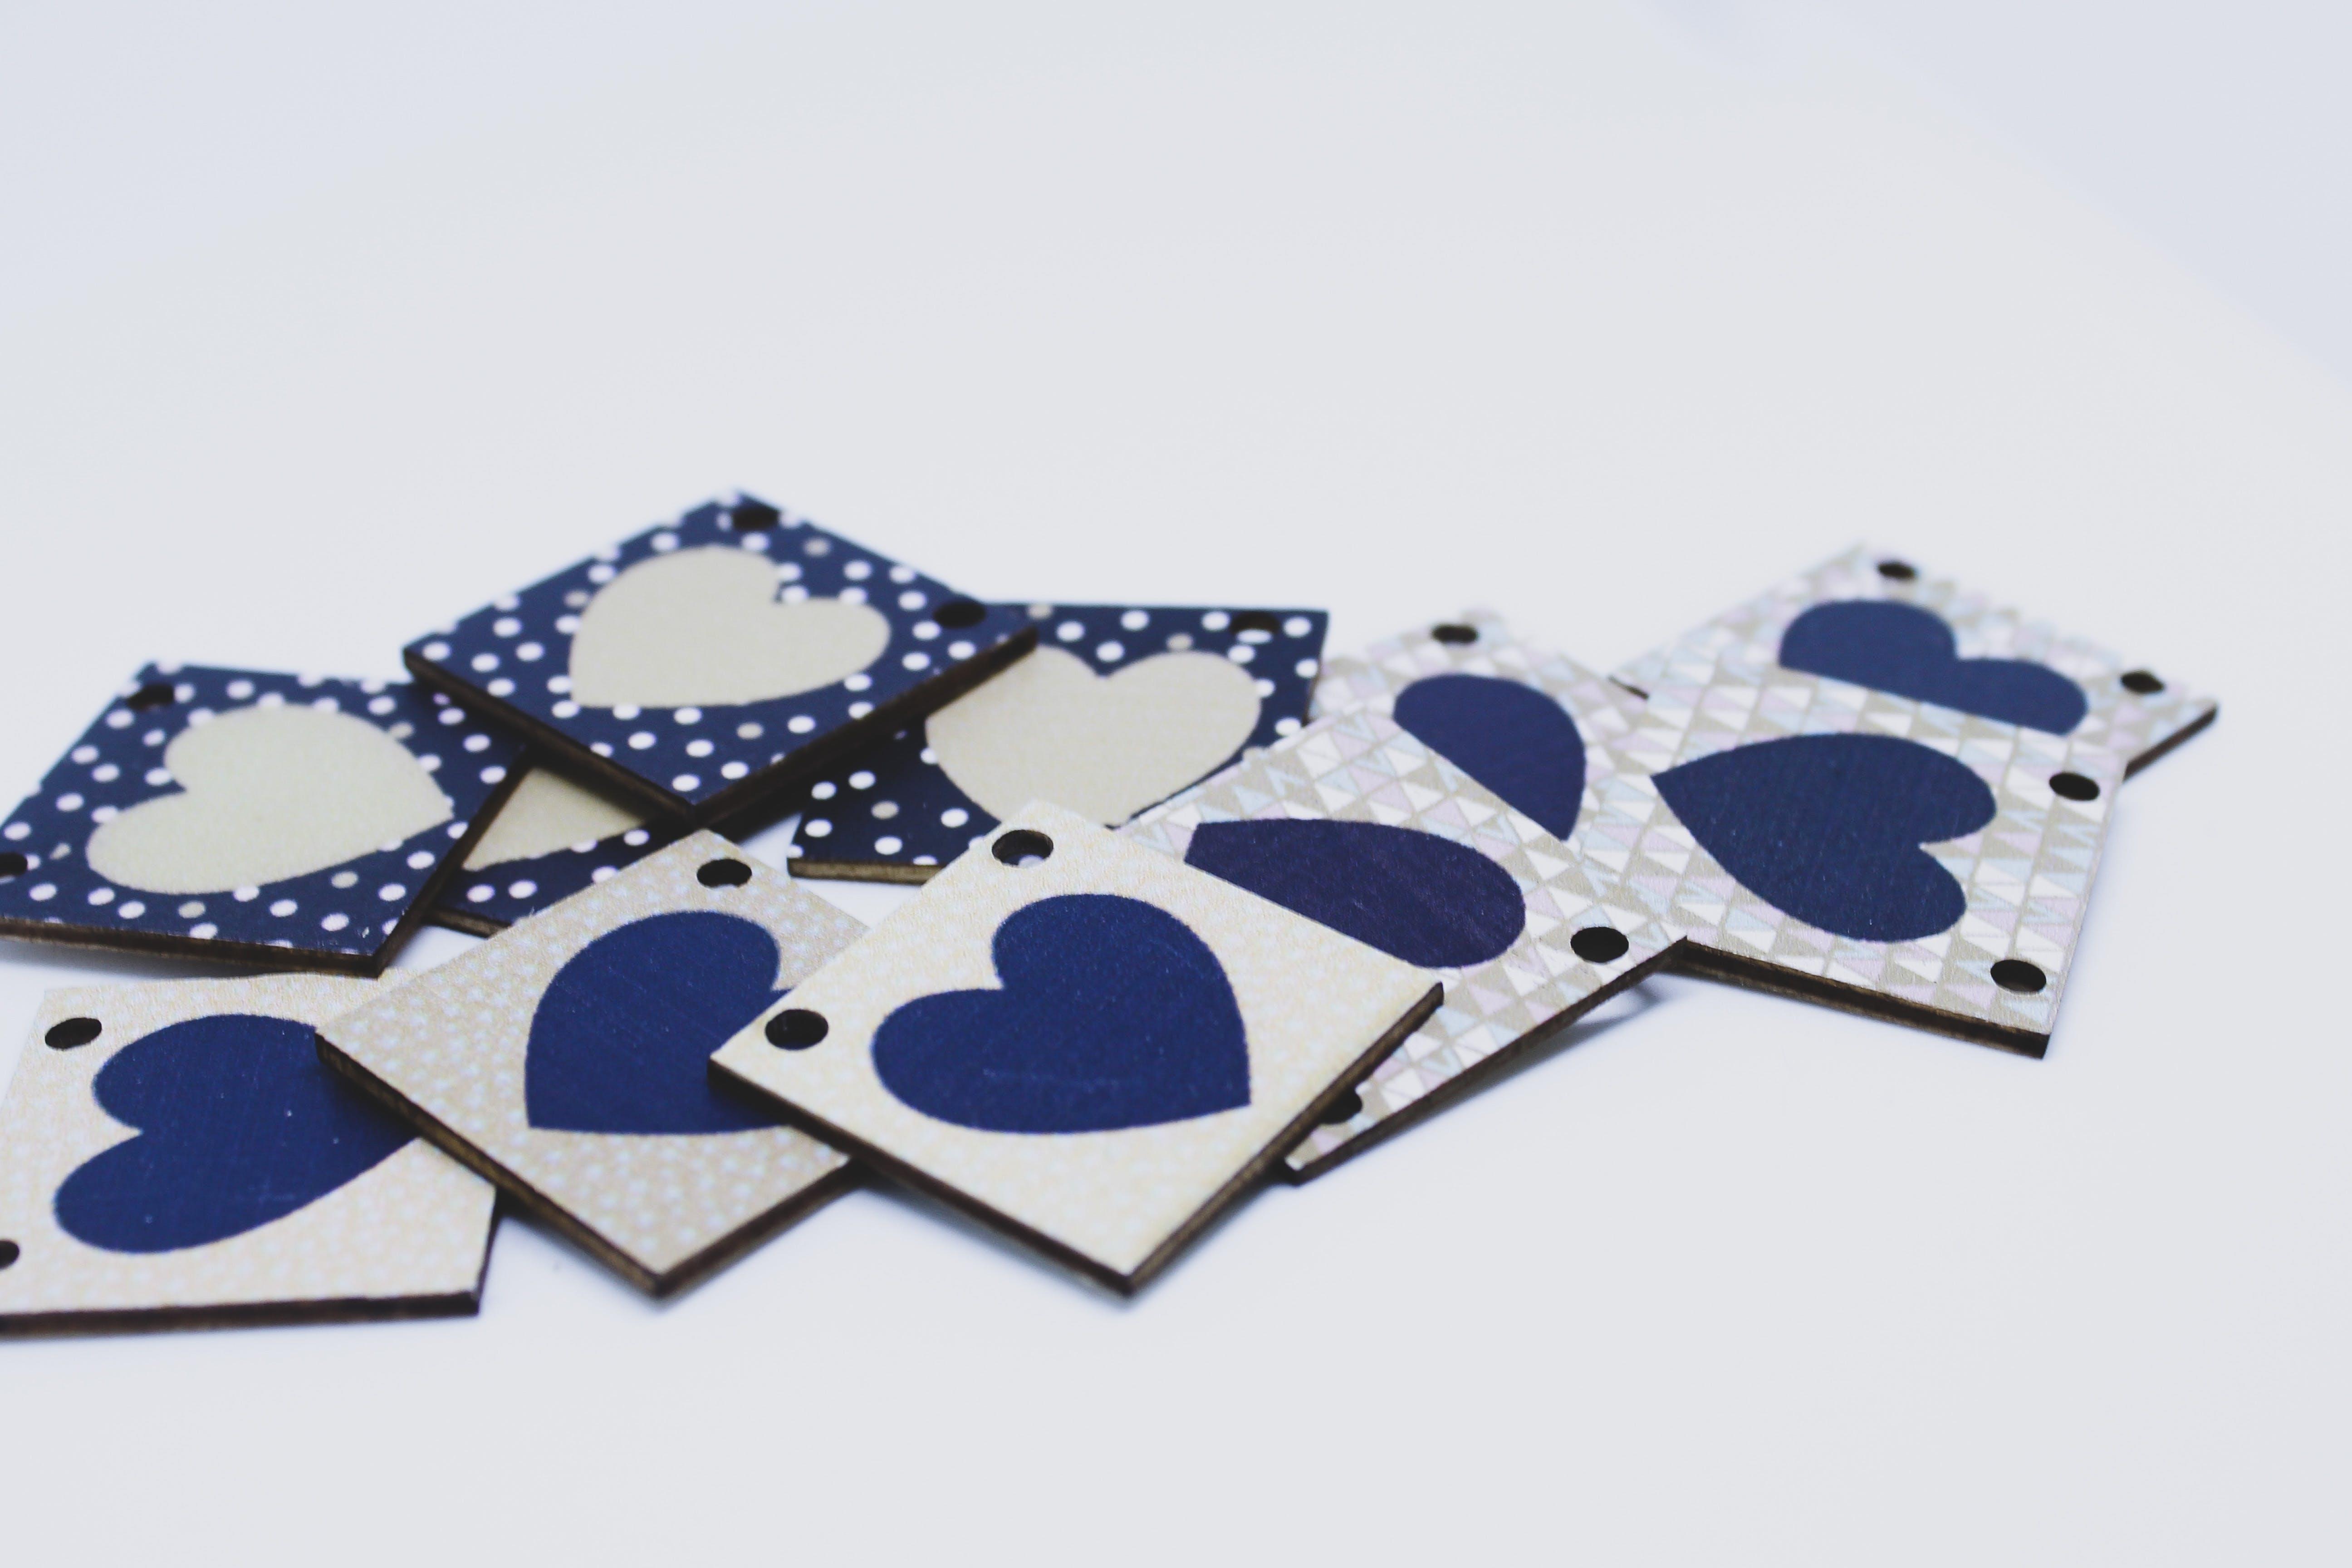 Free stock photo of #hearts